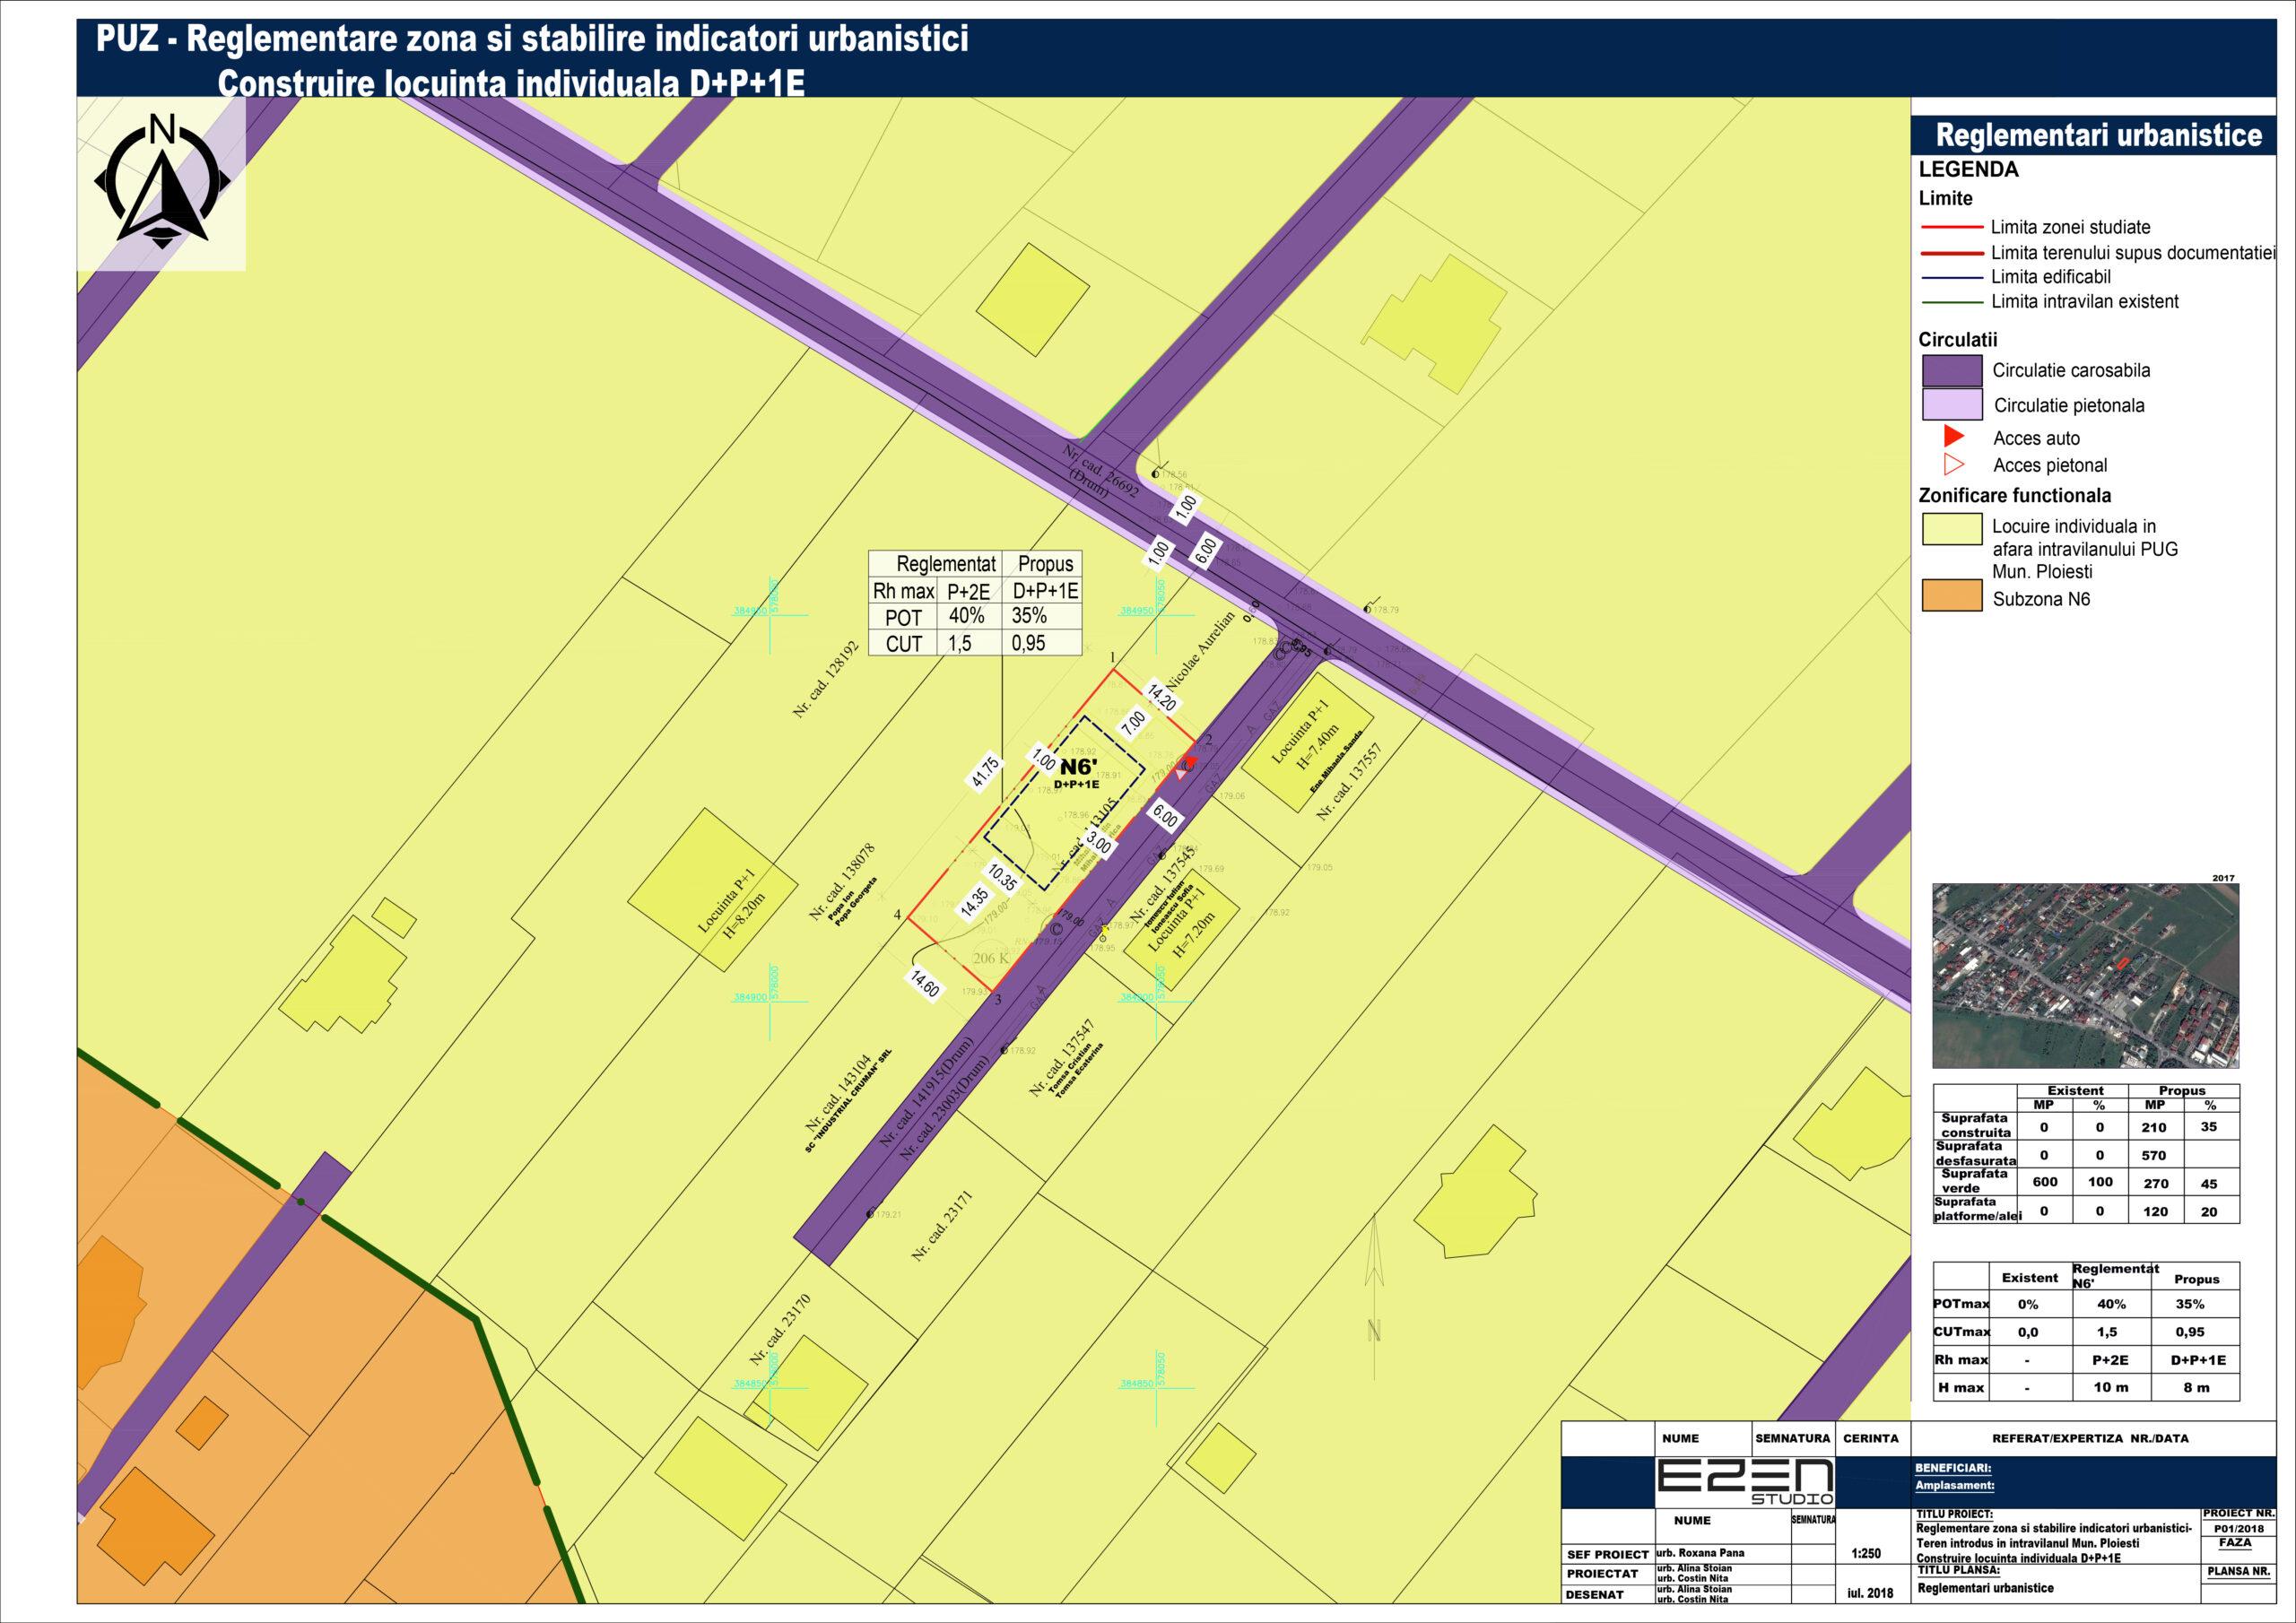 PUZ - Reglementare zonă și stabilire indicatori urbanistici - teren introdus în intravilanul Municipiului Ploiești - Construire Locuință individuală - Reglementări urbanistice